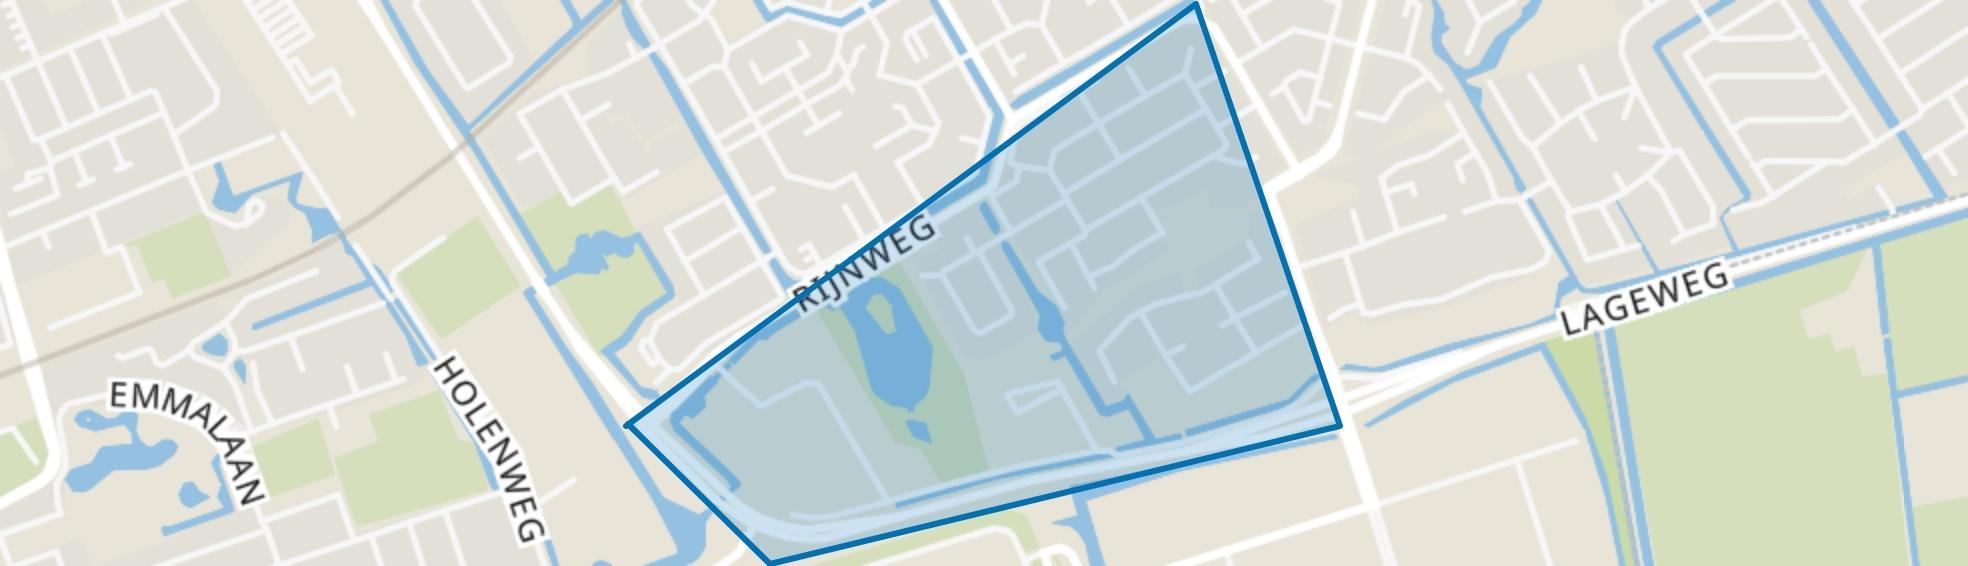 Kersenboogerd-Zuid - Buurt 33 04, Hoorn (NH) map